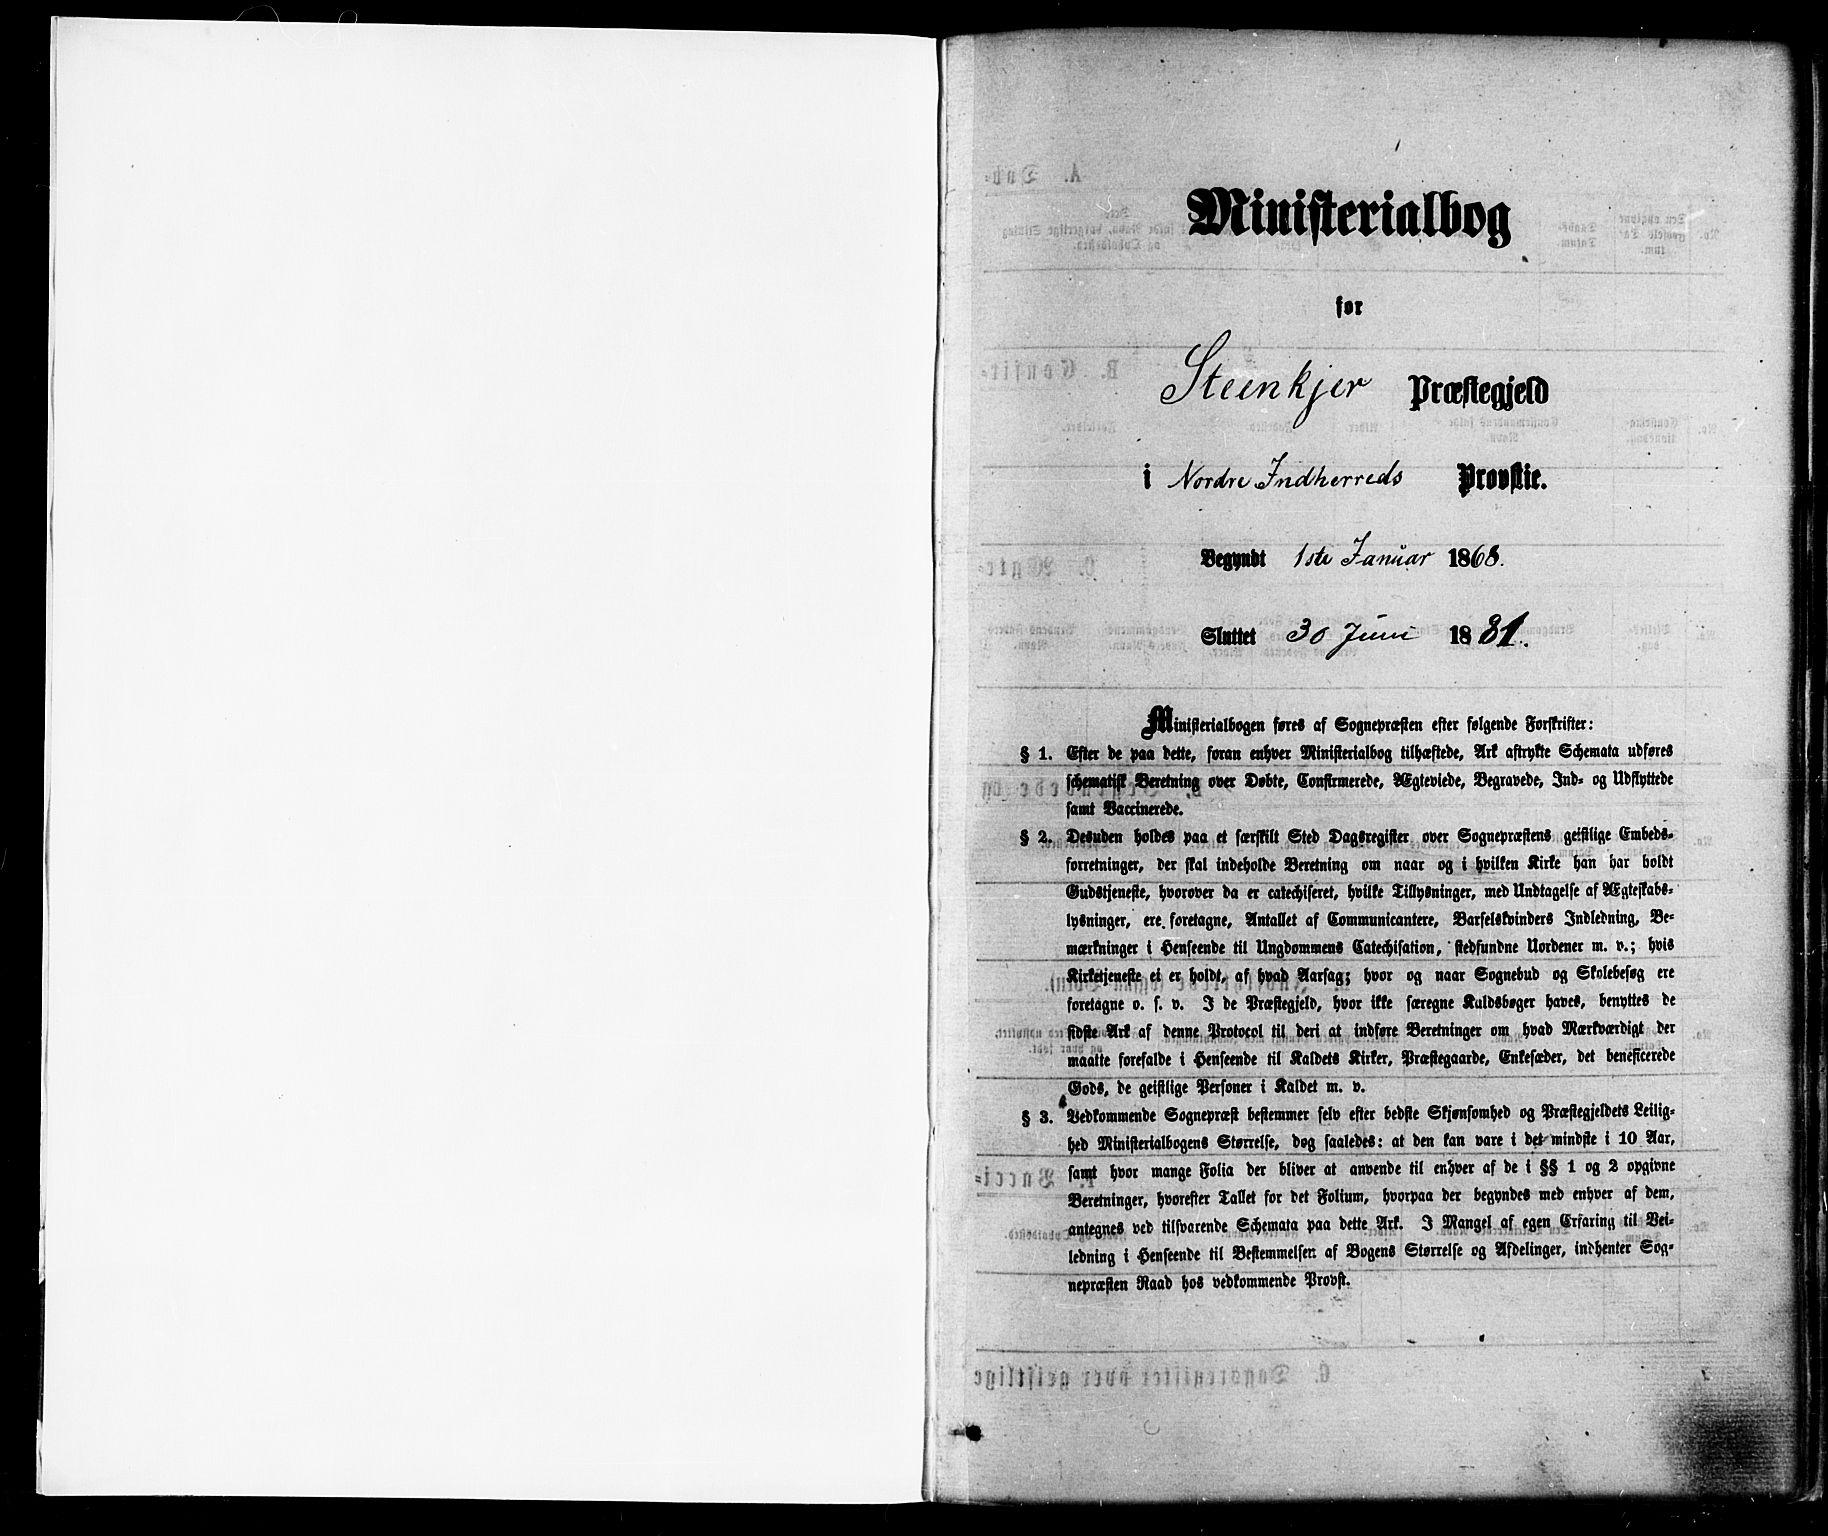 SAT, Ministerialprotokoller, klokkerbøker og fødselsregistre - Nord-Trøndelag, 739/L0370: Ministerialbok nr. 739A02, 1868-1881